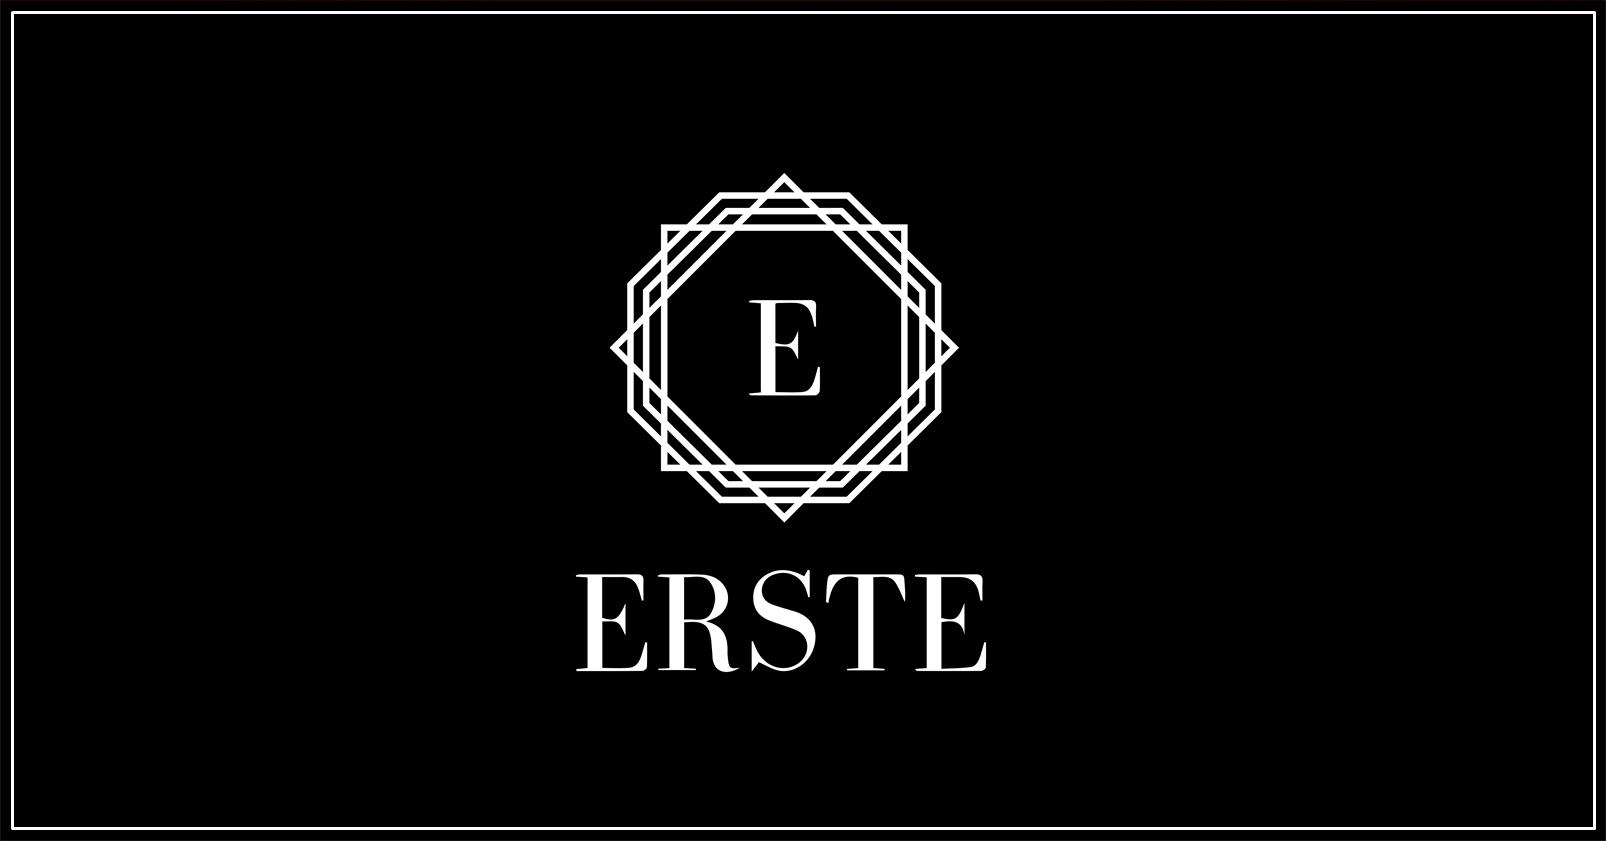 Sobre ERSTE | Eventos Corporativos